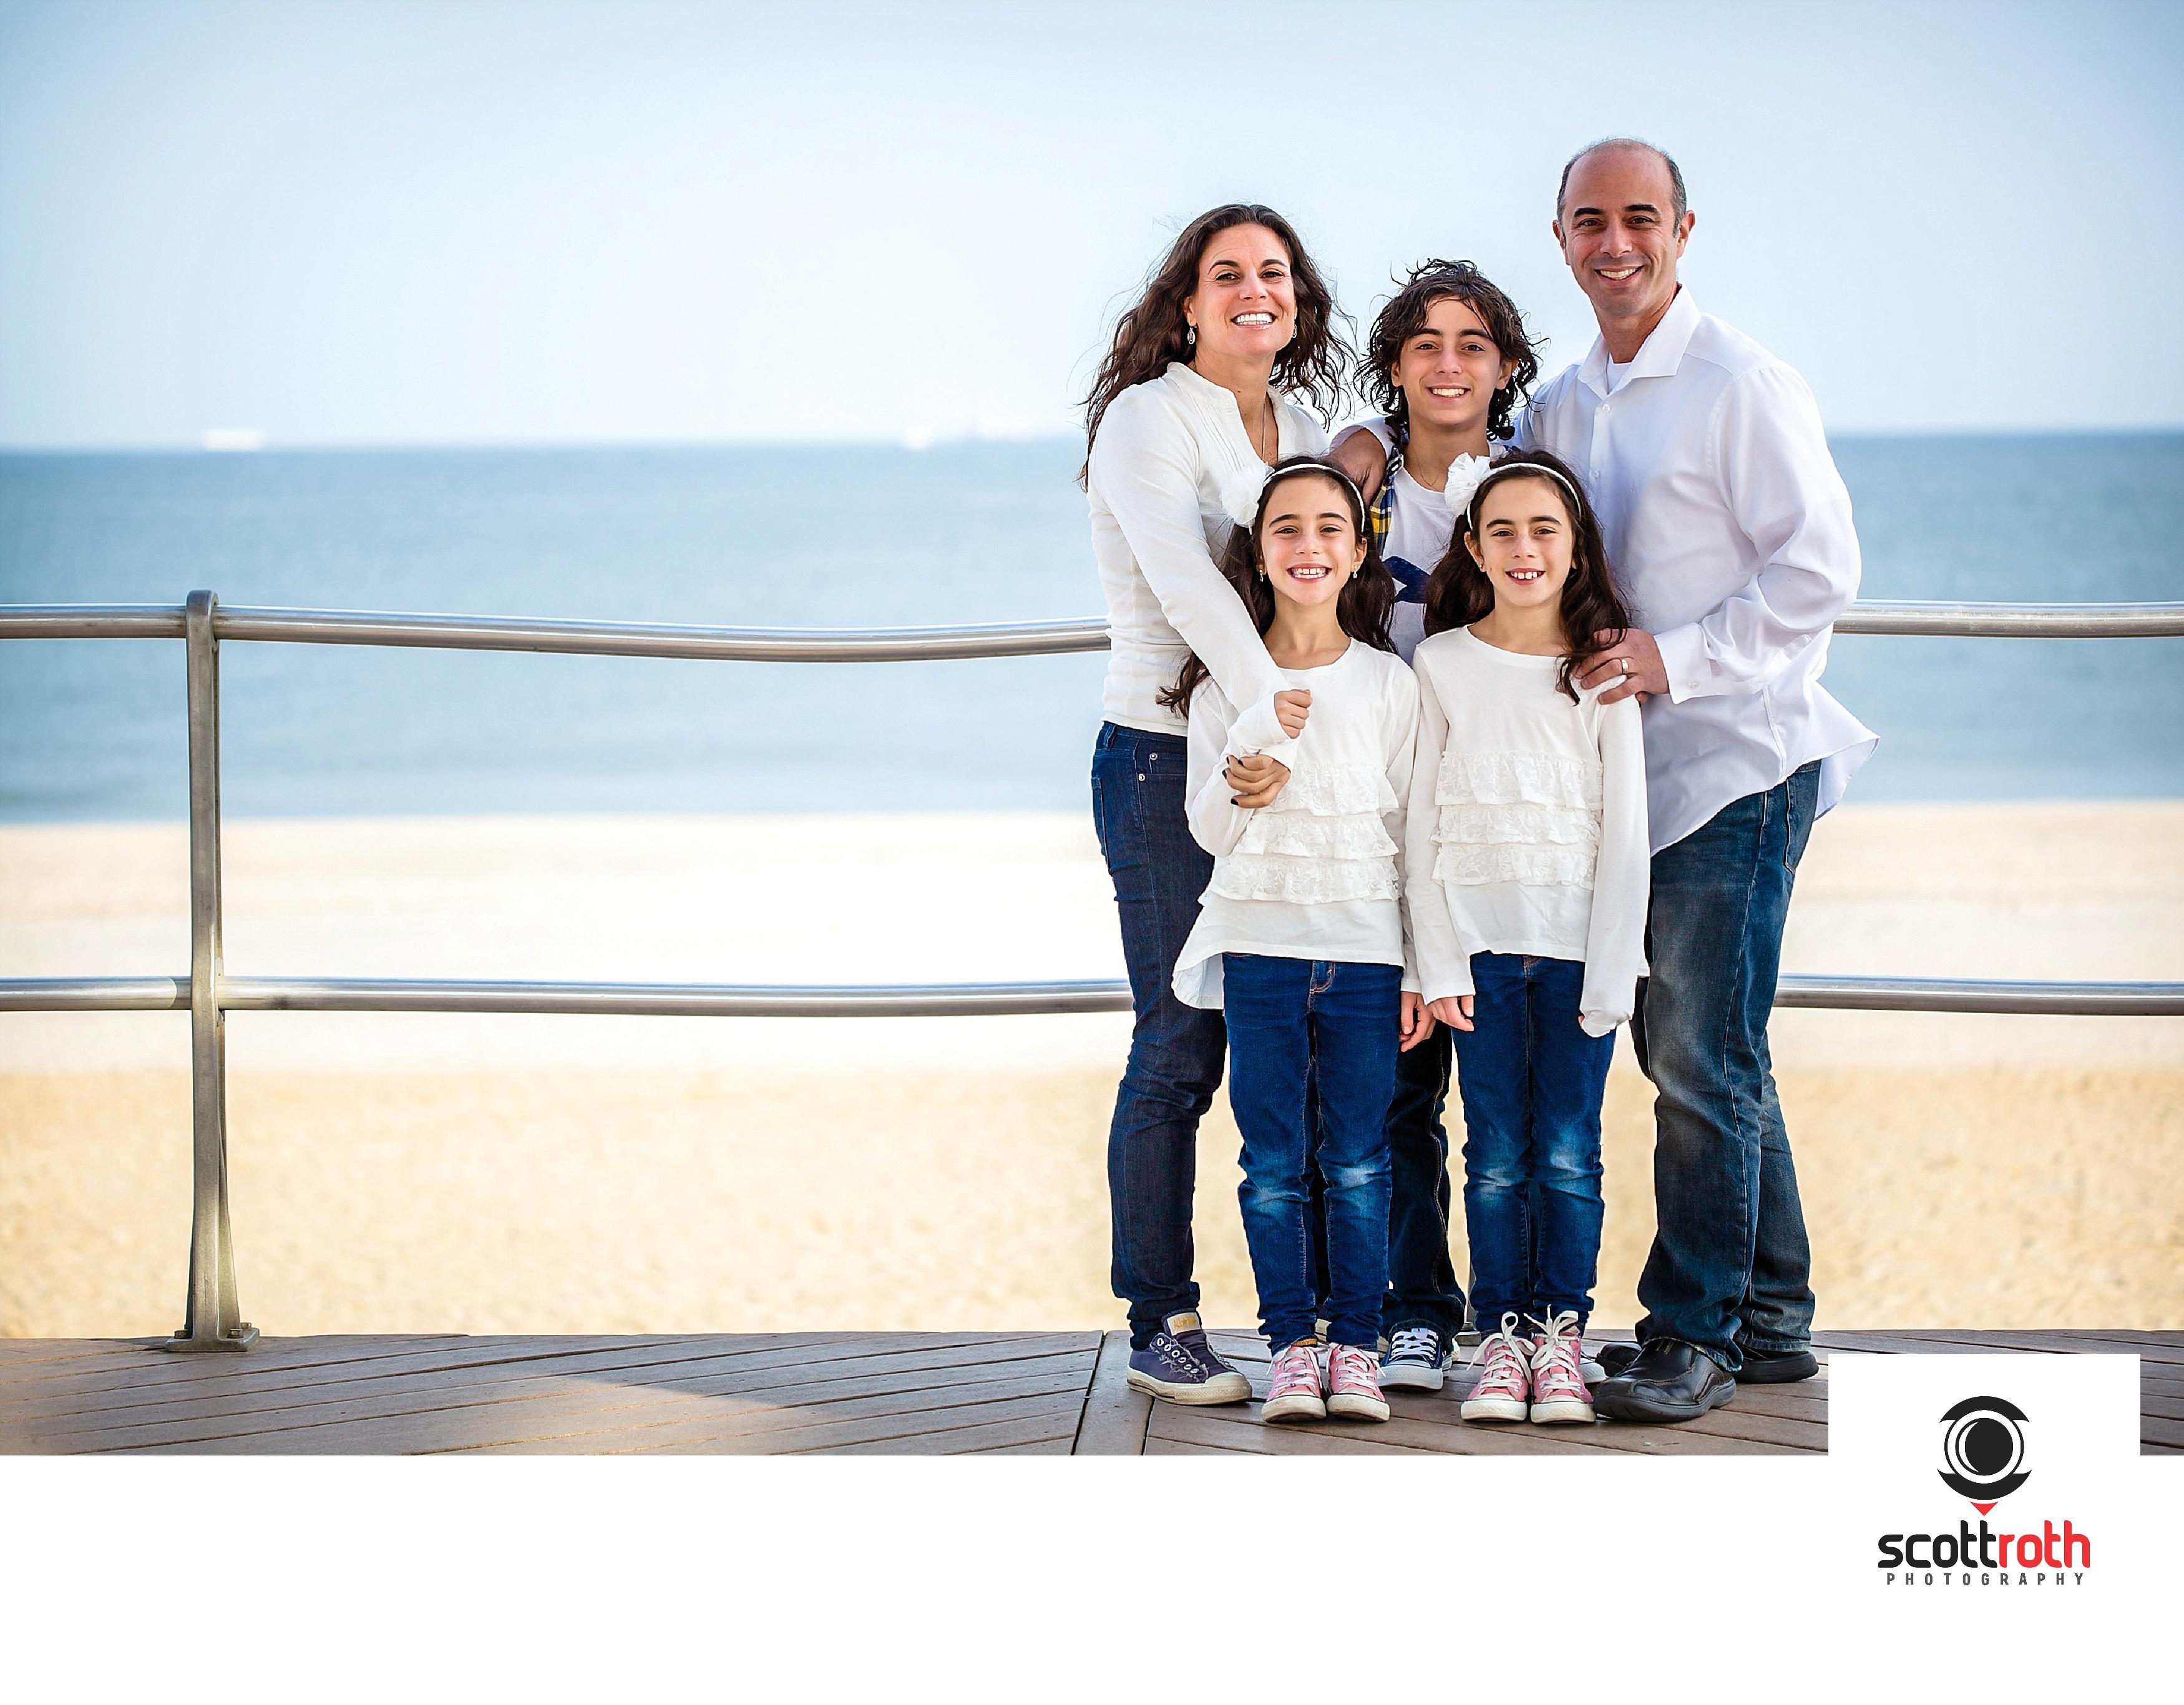 family-photography-beach-0016.jpg